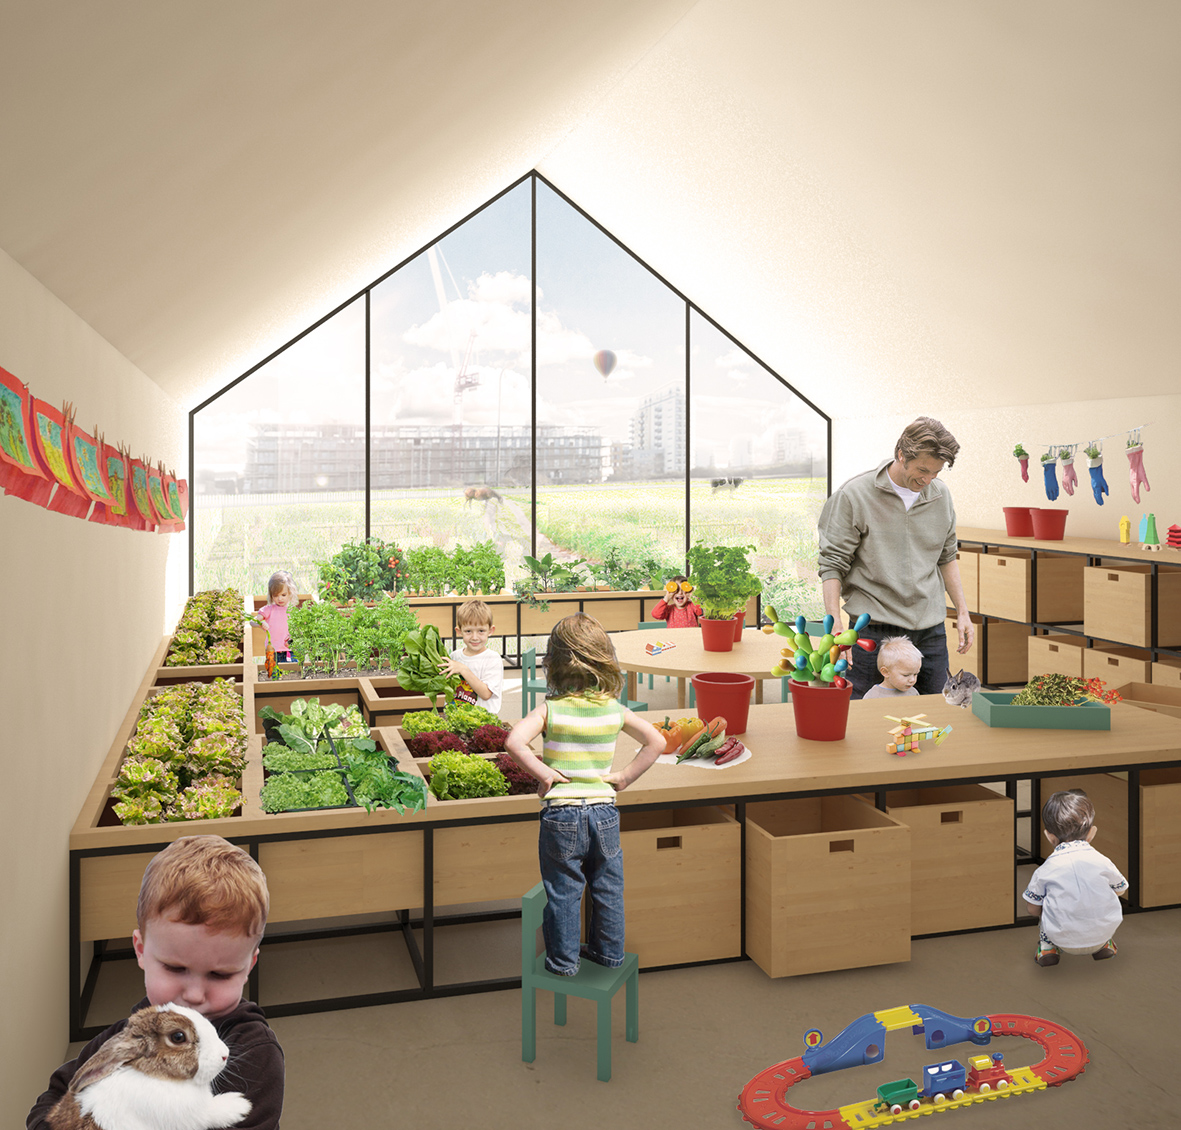 L'educazione bambino secondo Maria Montessori.